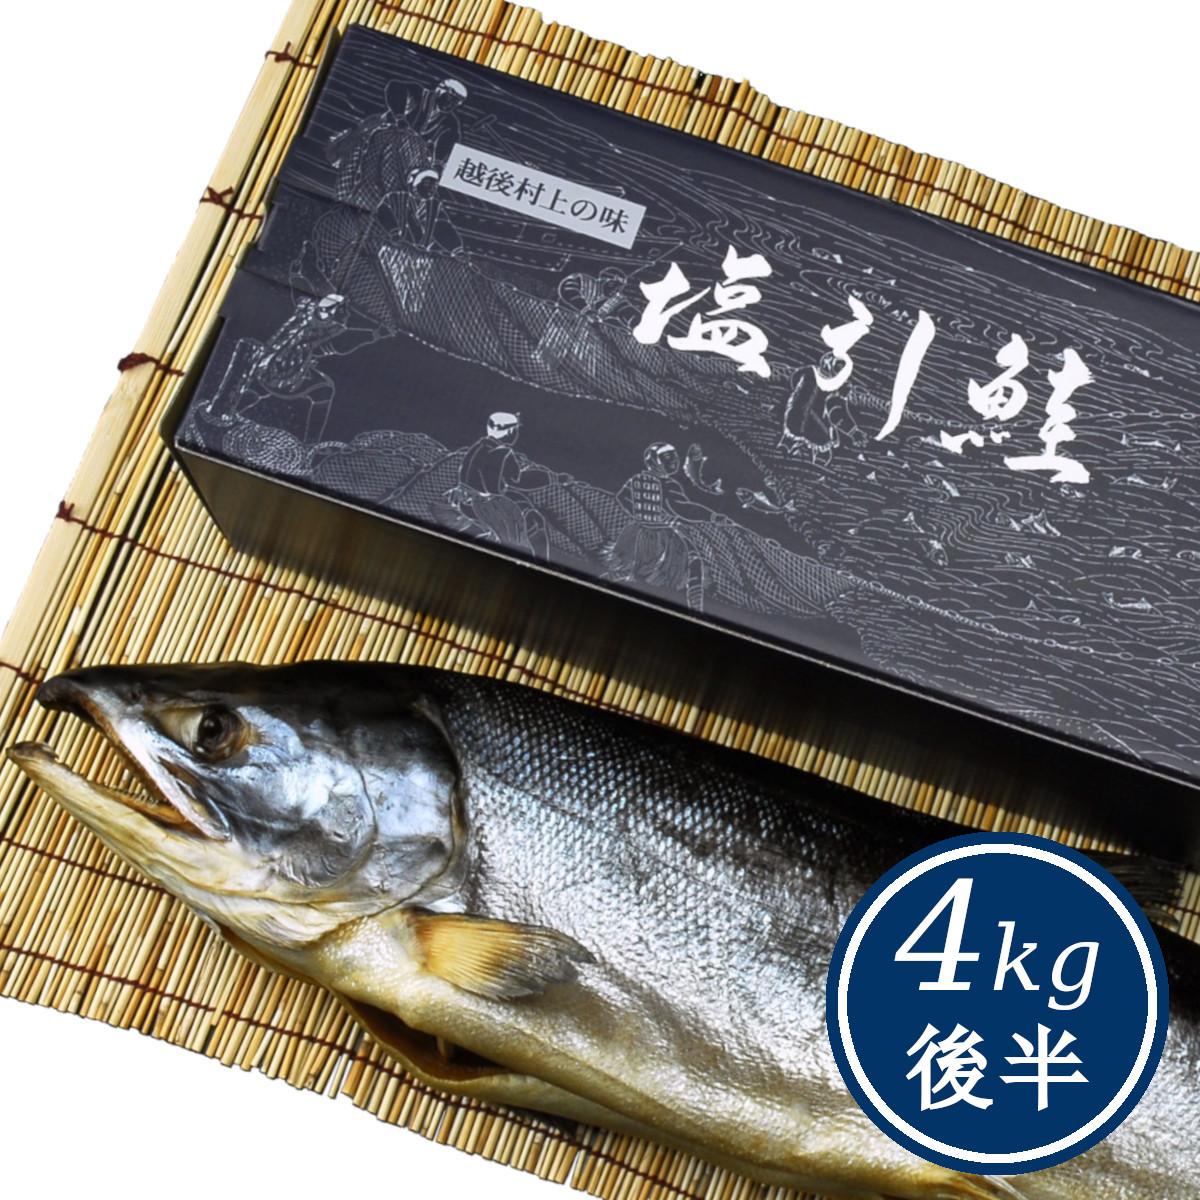 塩引鮭 塩引き鮭 一尾物4kg後半